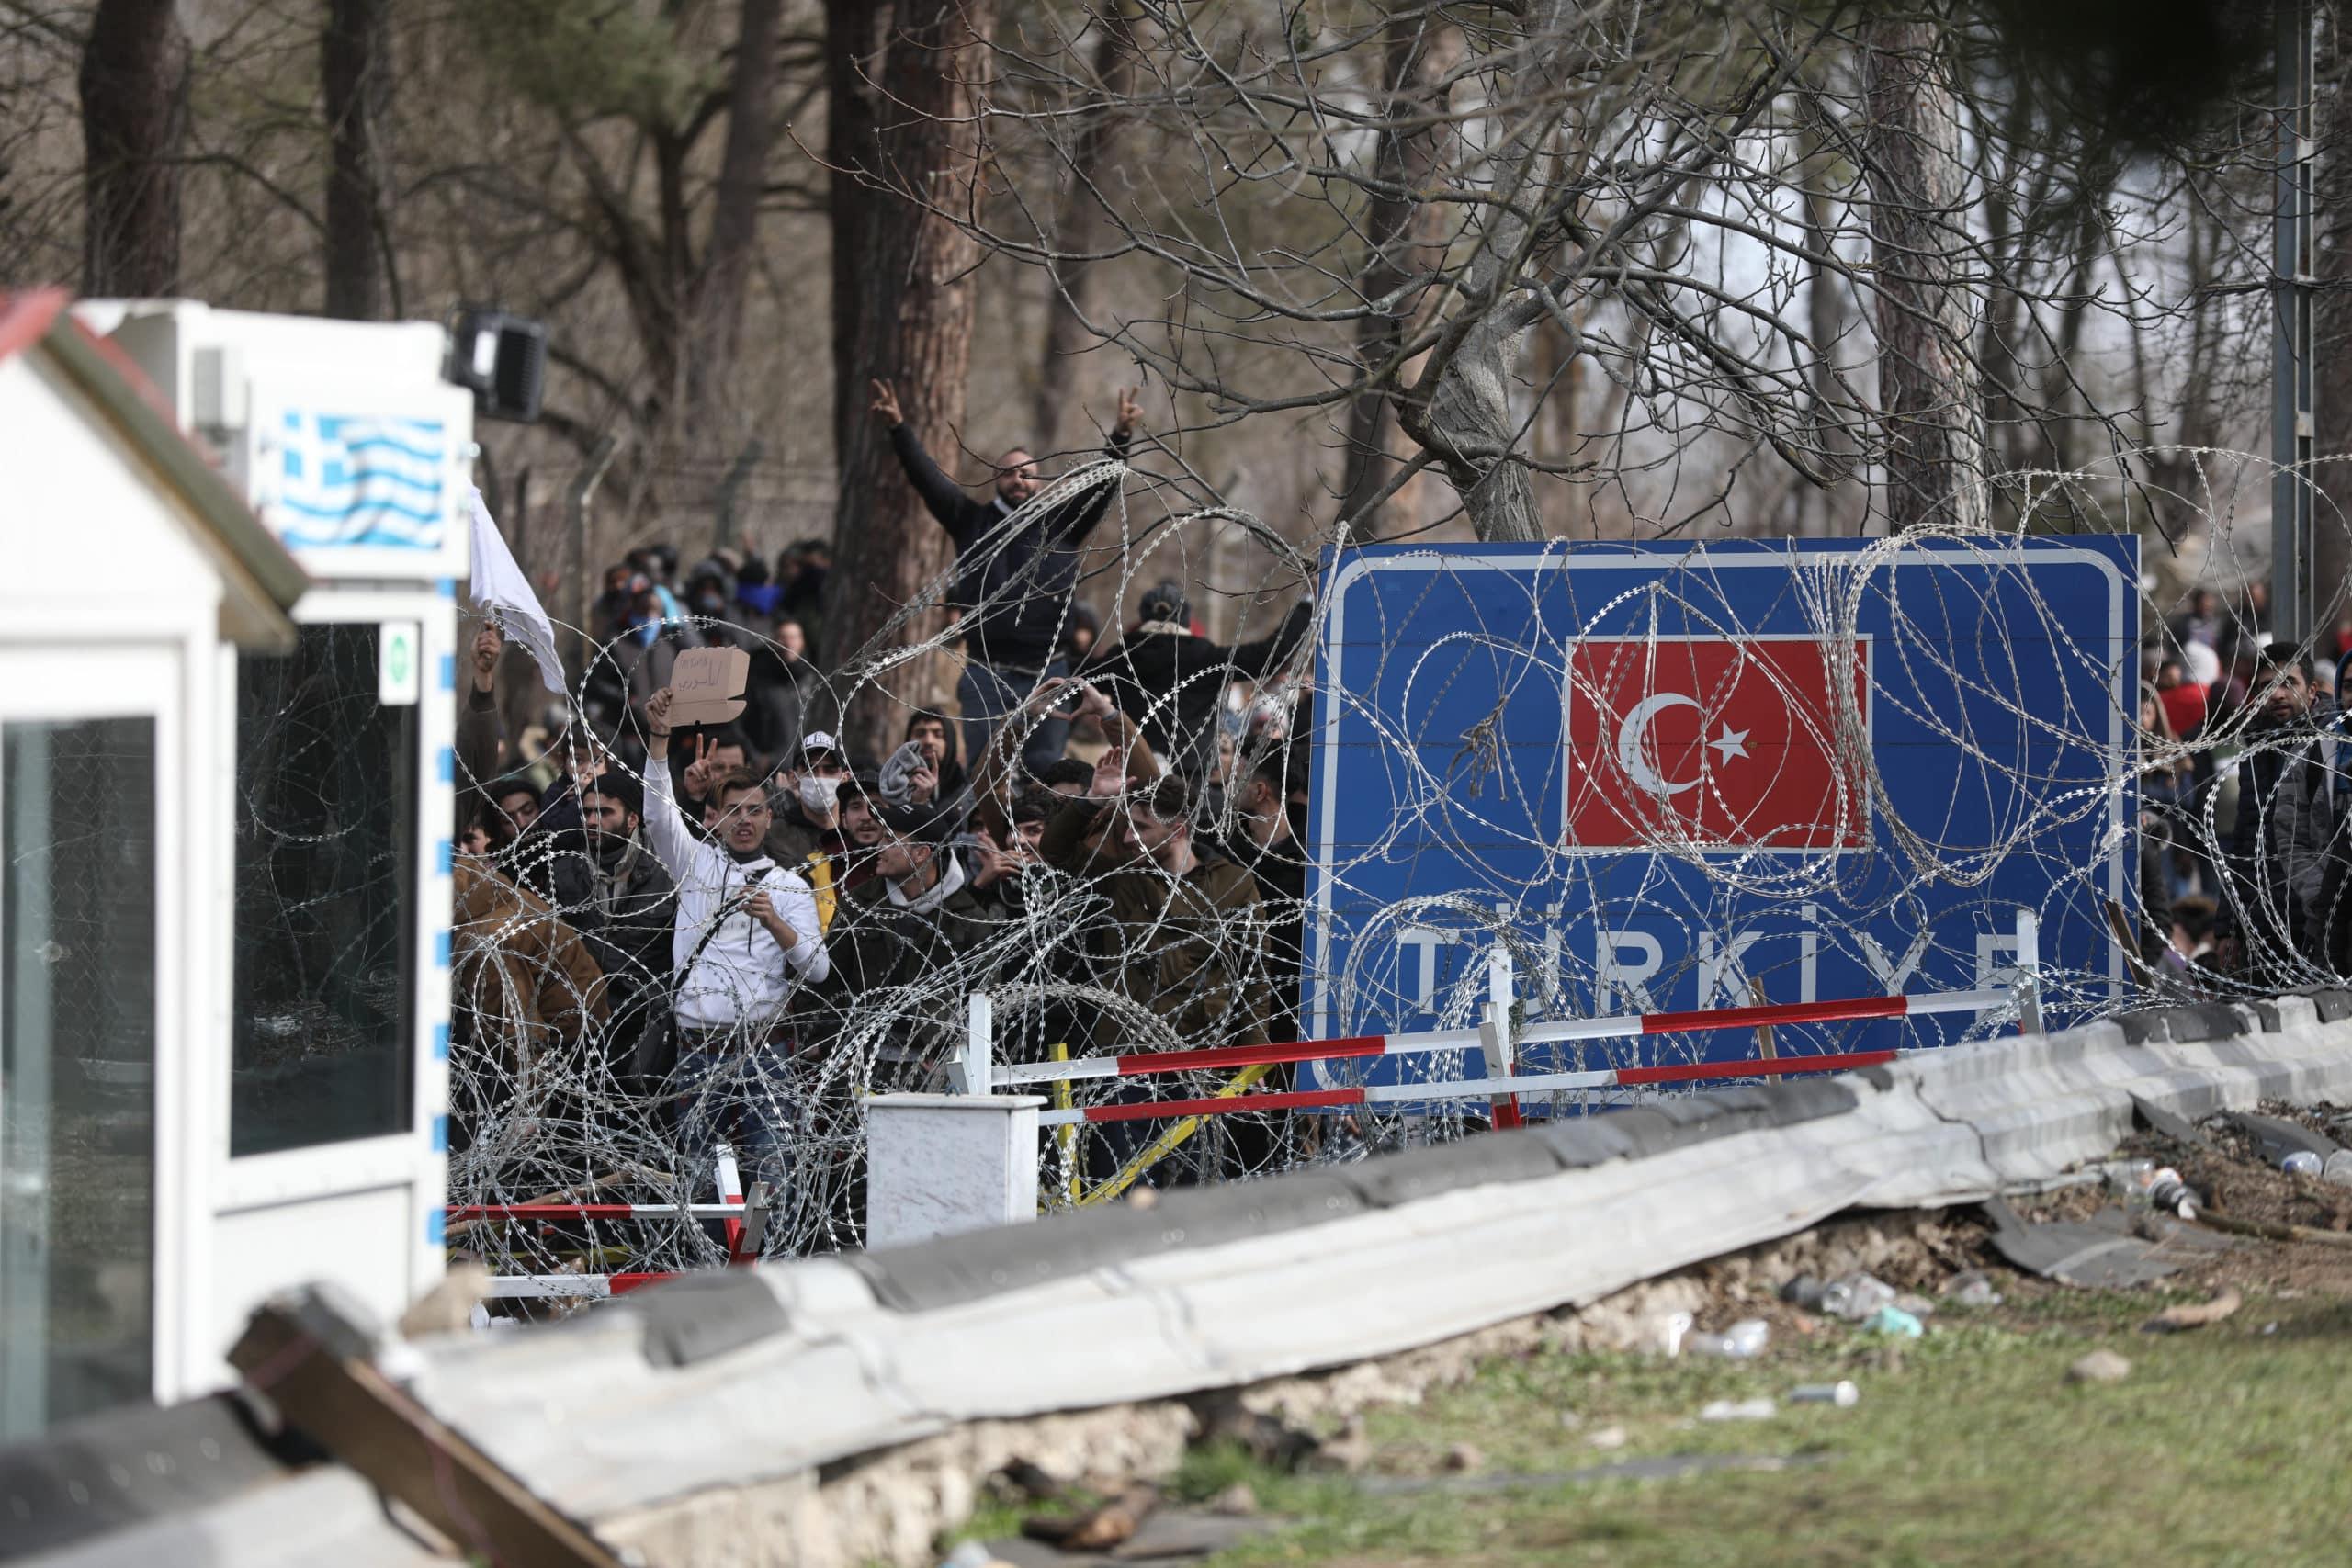 Ελλάδα - Τουρκία και επικοινωνιακή αντιπαράθεση Έβρος: Συμφέροντα κρατών και δάκρυα προσφύγων Στρατόπεδο Βασιλειάδη Σέρρες πρόσφυγες μετανάστες Η χρήση του μεταναστευτικού ως ασύμμετρη απειλή